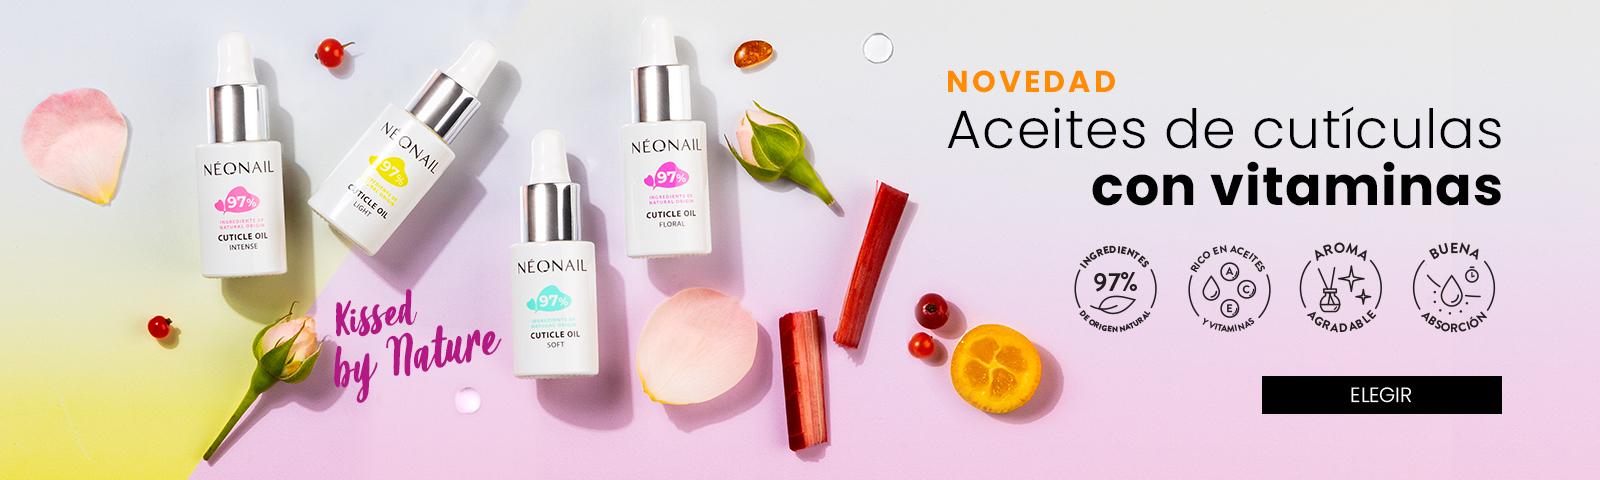 Aceite de cutículas con vitaminas CONOCE 4 NUEVOS ACEITES DE CUTÍCULAS  ¡LO QUIERO!